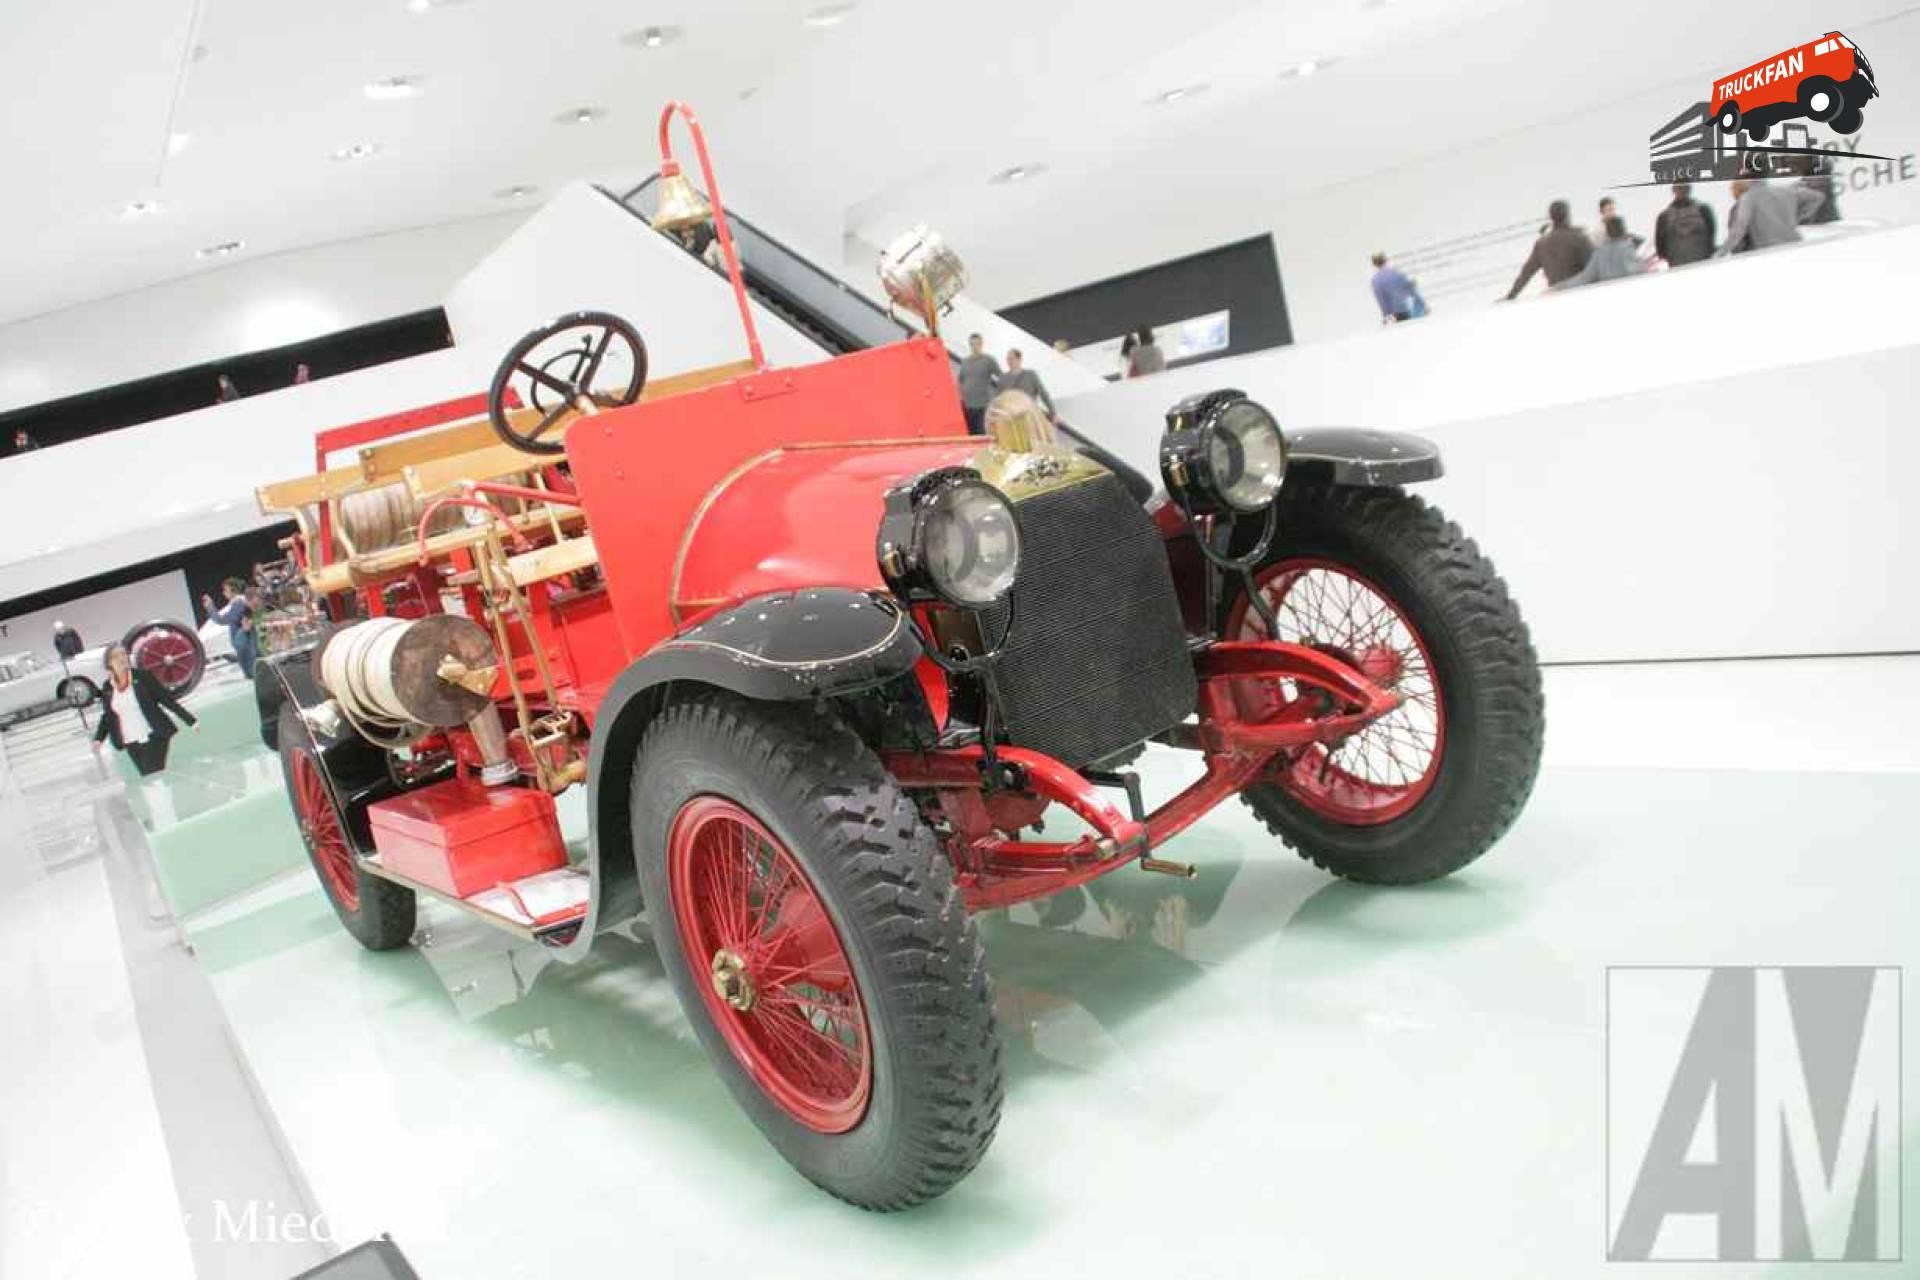 Austro-Daimler Ferdinand Porsche was altijd gek op brandweerwagens. Deze voertuigen zijn snel en praktisch, precies waar hij van hield. Toen hij bij Austro-Daimler aan het werk ging, was het ontwikkelen van hulpverleningsvoertuigen één van zijn kerntaken. Zijn eerste opdracht op dat gebied was een brandweerwagen voor het eigen brandweerkorps van de Austro-Daimler fabriek. Voor het eerst waren de pomp en slangen aangebracht op een voertuig waar ook de brandweermannen in meereden. Na 20 jaar inzet in de eigen fabriek, heeft hij nog 36 jaar gediend bij een gemeentelijk brandweerkorps in Burgenland.Ferdinand Porsche was altijd gek op brandweerwagens. Deze voertuigen zijn snel en praktisch, precies waar hij van hield. Toen hij bij Austro-Daimler aan het werk ging, was het ontwikkelen van hulpverleningsvoertuigen één van zijn kerntaken. Zijn eerste opdracht op dat gebied was een brandweerwagen voor het eigen brandweerkorps van de Austro-Daimler fabriek. Voor het eerst waren de pomp en slangen aangebracht op een voertuig waar ook de brandweermannen in meereden. Na 20 jaar inzet in de eigen fabriek, heeft hij nog 36 jaar gediend bij een gemeentelijk brandweerkorps in Burgenland.Ferdinand Porsche was altijd gek op brandweerwagens. Deze voertuigen zijn snel en praktisch, precies waar hij van hield. Toen hij bij Austro-Daimler aan het werk ging, was het ontwikkelen van hulpverleningsvoertuigen één van zijn kerntaken. Zijn eerste opdracht op dat gebied was een brandweerwagen voor het eigen brandweerkorps van de Austro-Daimler fabriek. Voor het eerst waren de pomp en slangen aangebracht op een voertuig waar ook de brandweermannen in meereden. Na 20 jaar inzet in de eigen fabriek, heeft hij nog 36 jaar gediend bij een gemeentelijk brandweerkorps in Burgenland. Ferdinand Porsche was altijd gek op brandweerwagens. Deze voertuigen zijn snel en praktisch, precies waar hij van hield. Toen hij bij Austro-Daimler aan het werk ging, was het ontwikkelen van hulpverleningsvoertuigen één va